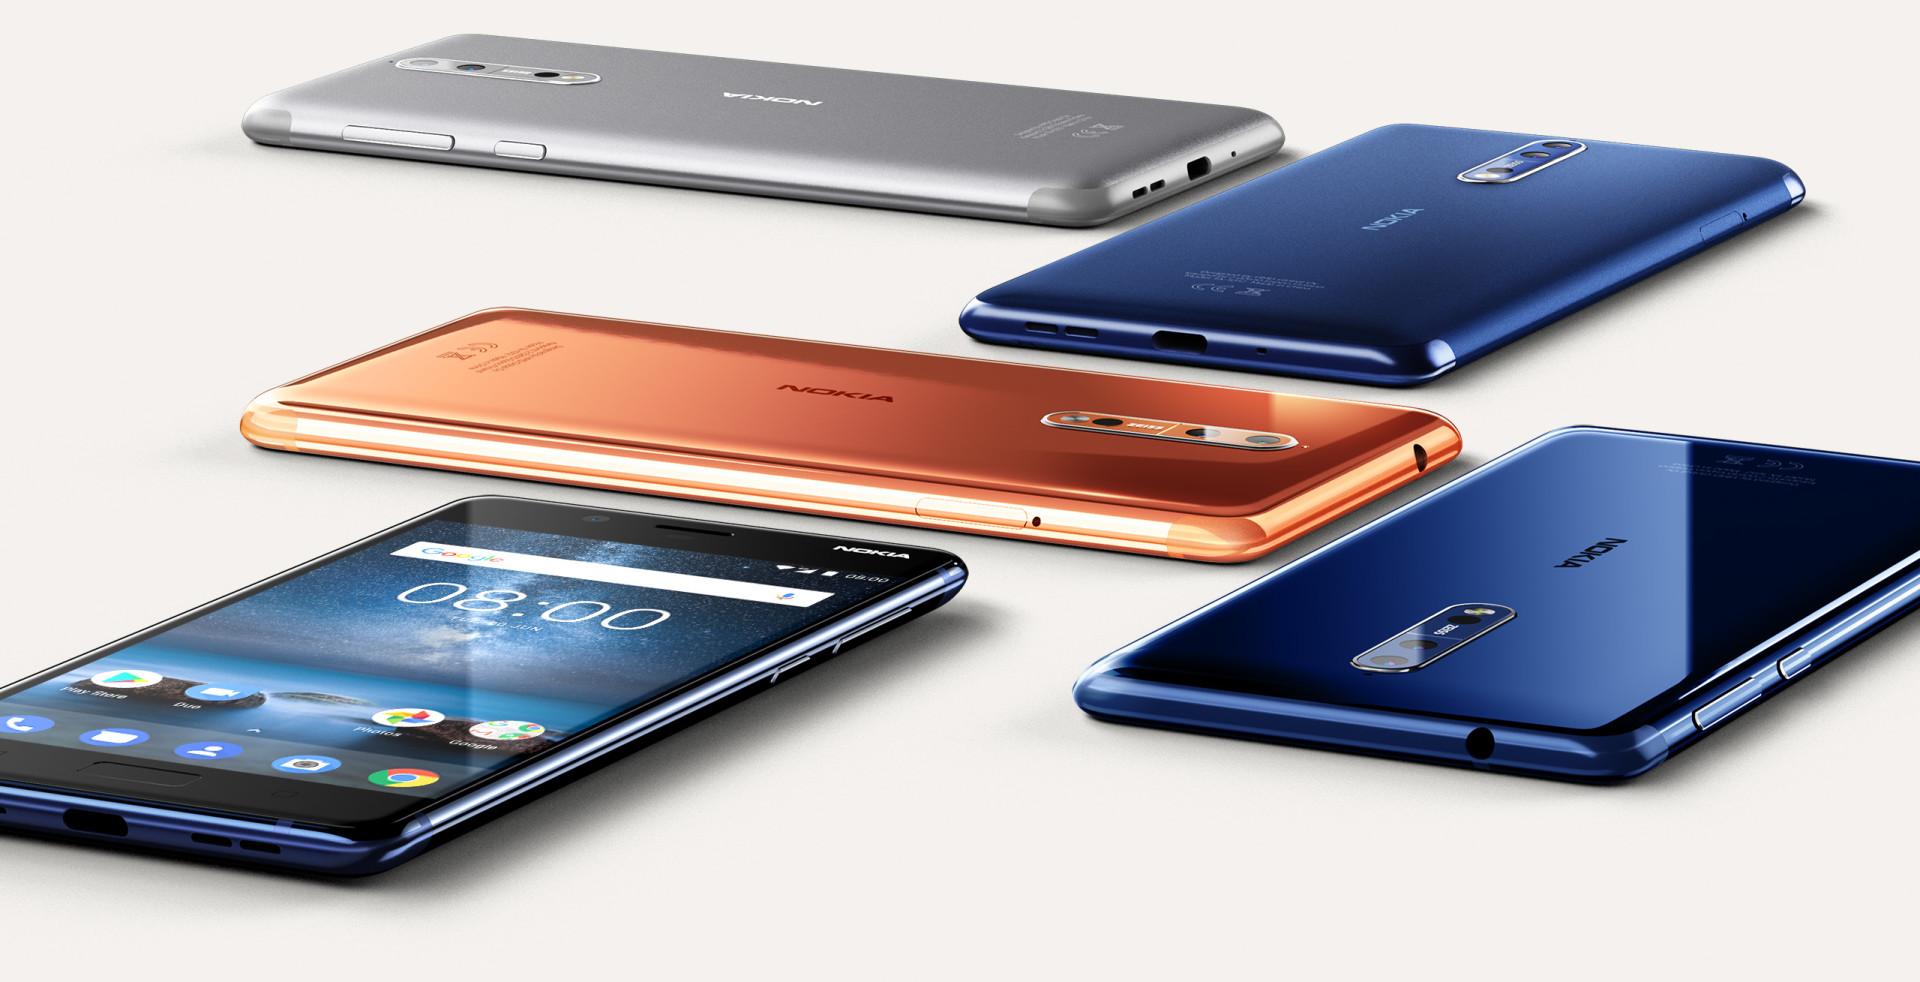 Zpracování je velkou devízou značky Nokia a Nokia 8 na tuto tradici navazuje, kovové unibody je skvostné, robustní a odolné